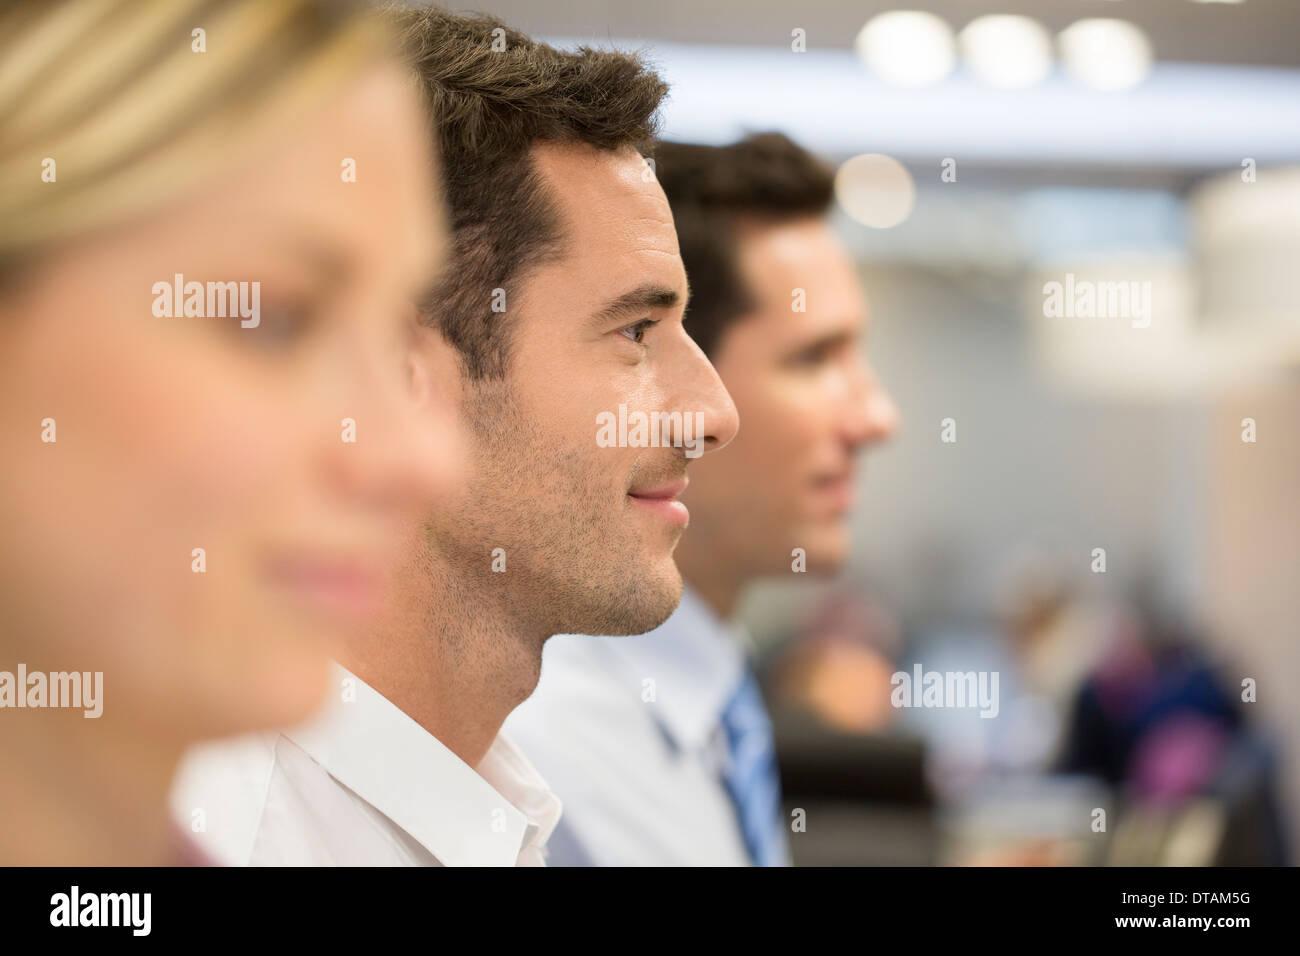 Donna Uomo ufficio del gruppo linea di profilo Immagini Stock